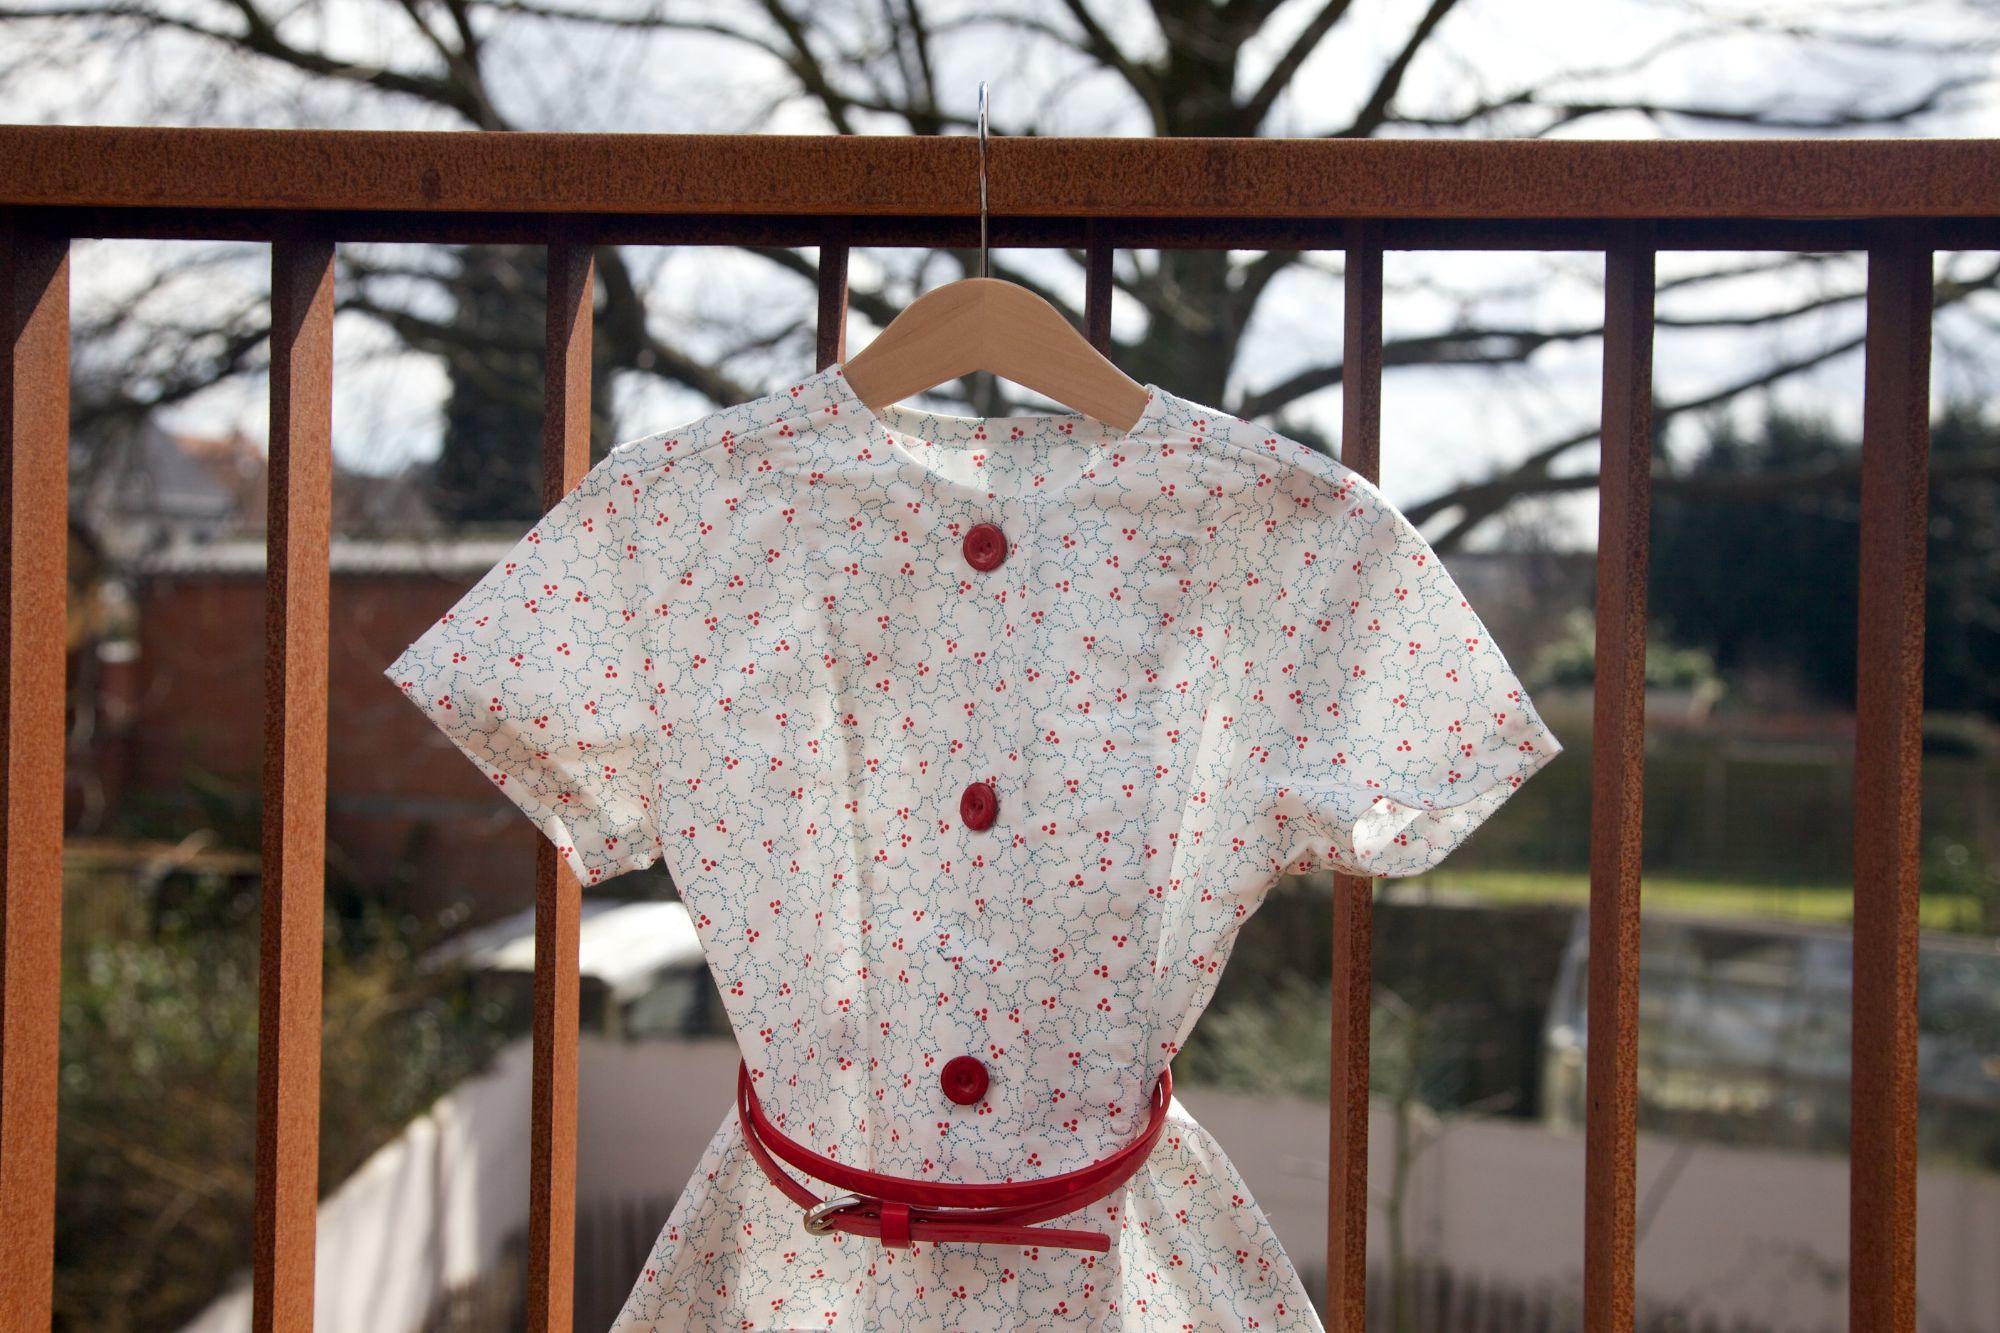 Compagnie-M_dress_zelfgemaakte_kleertjes_moda_fabric_1